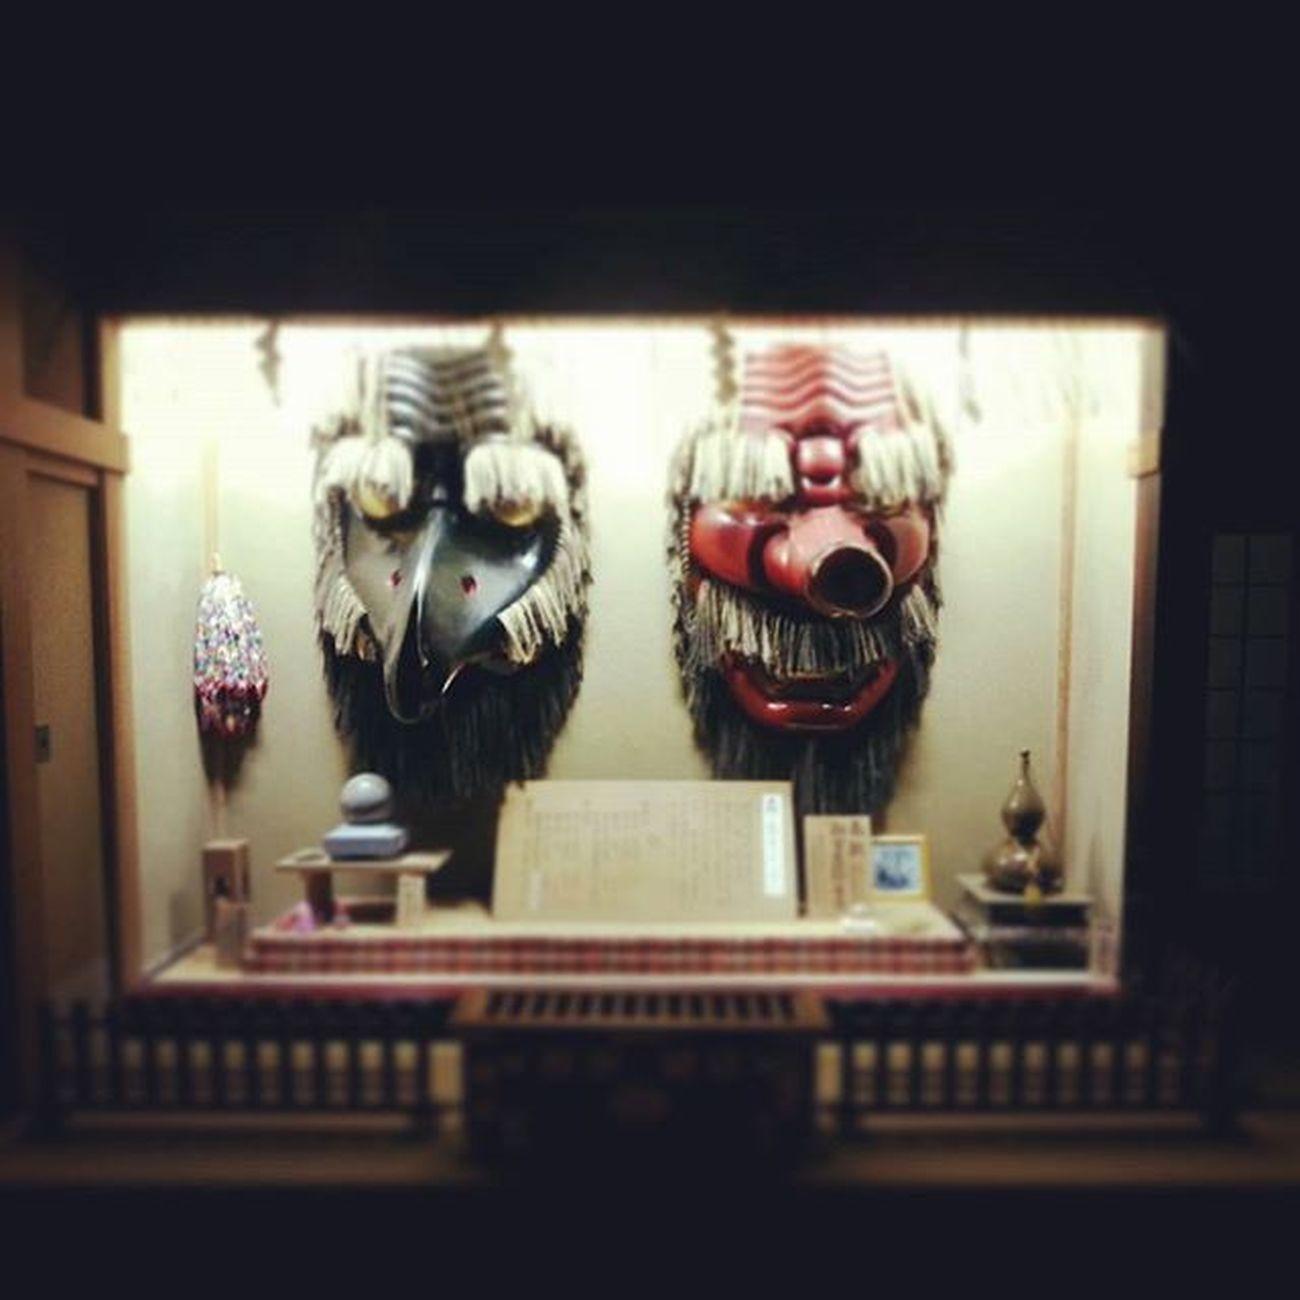 烏天狗 様は 今日 も 鋭い 面持ち 眼光 眼力 Tengu Japan Japanesecustom Japanesecustoms Nippon Hideoutworks Hideout